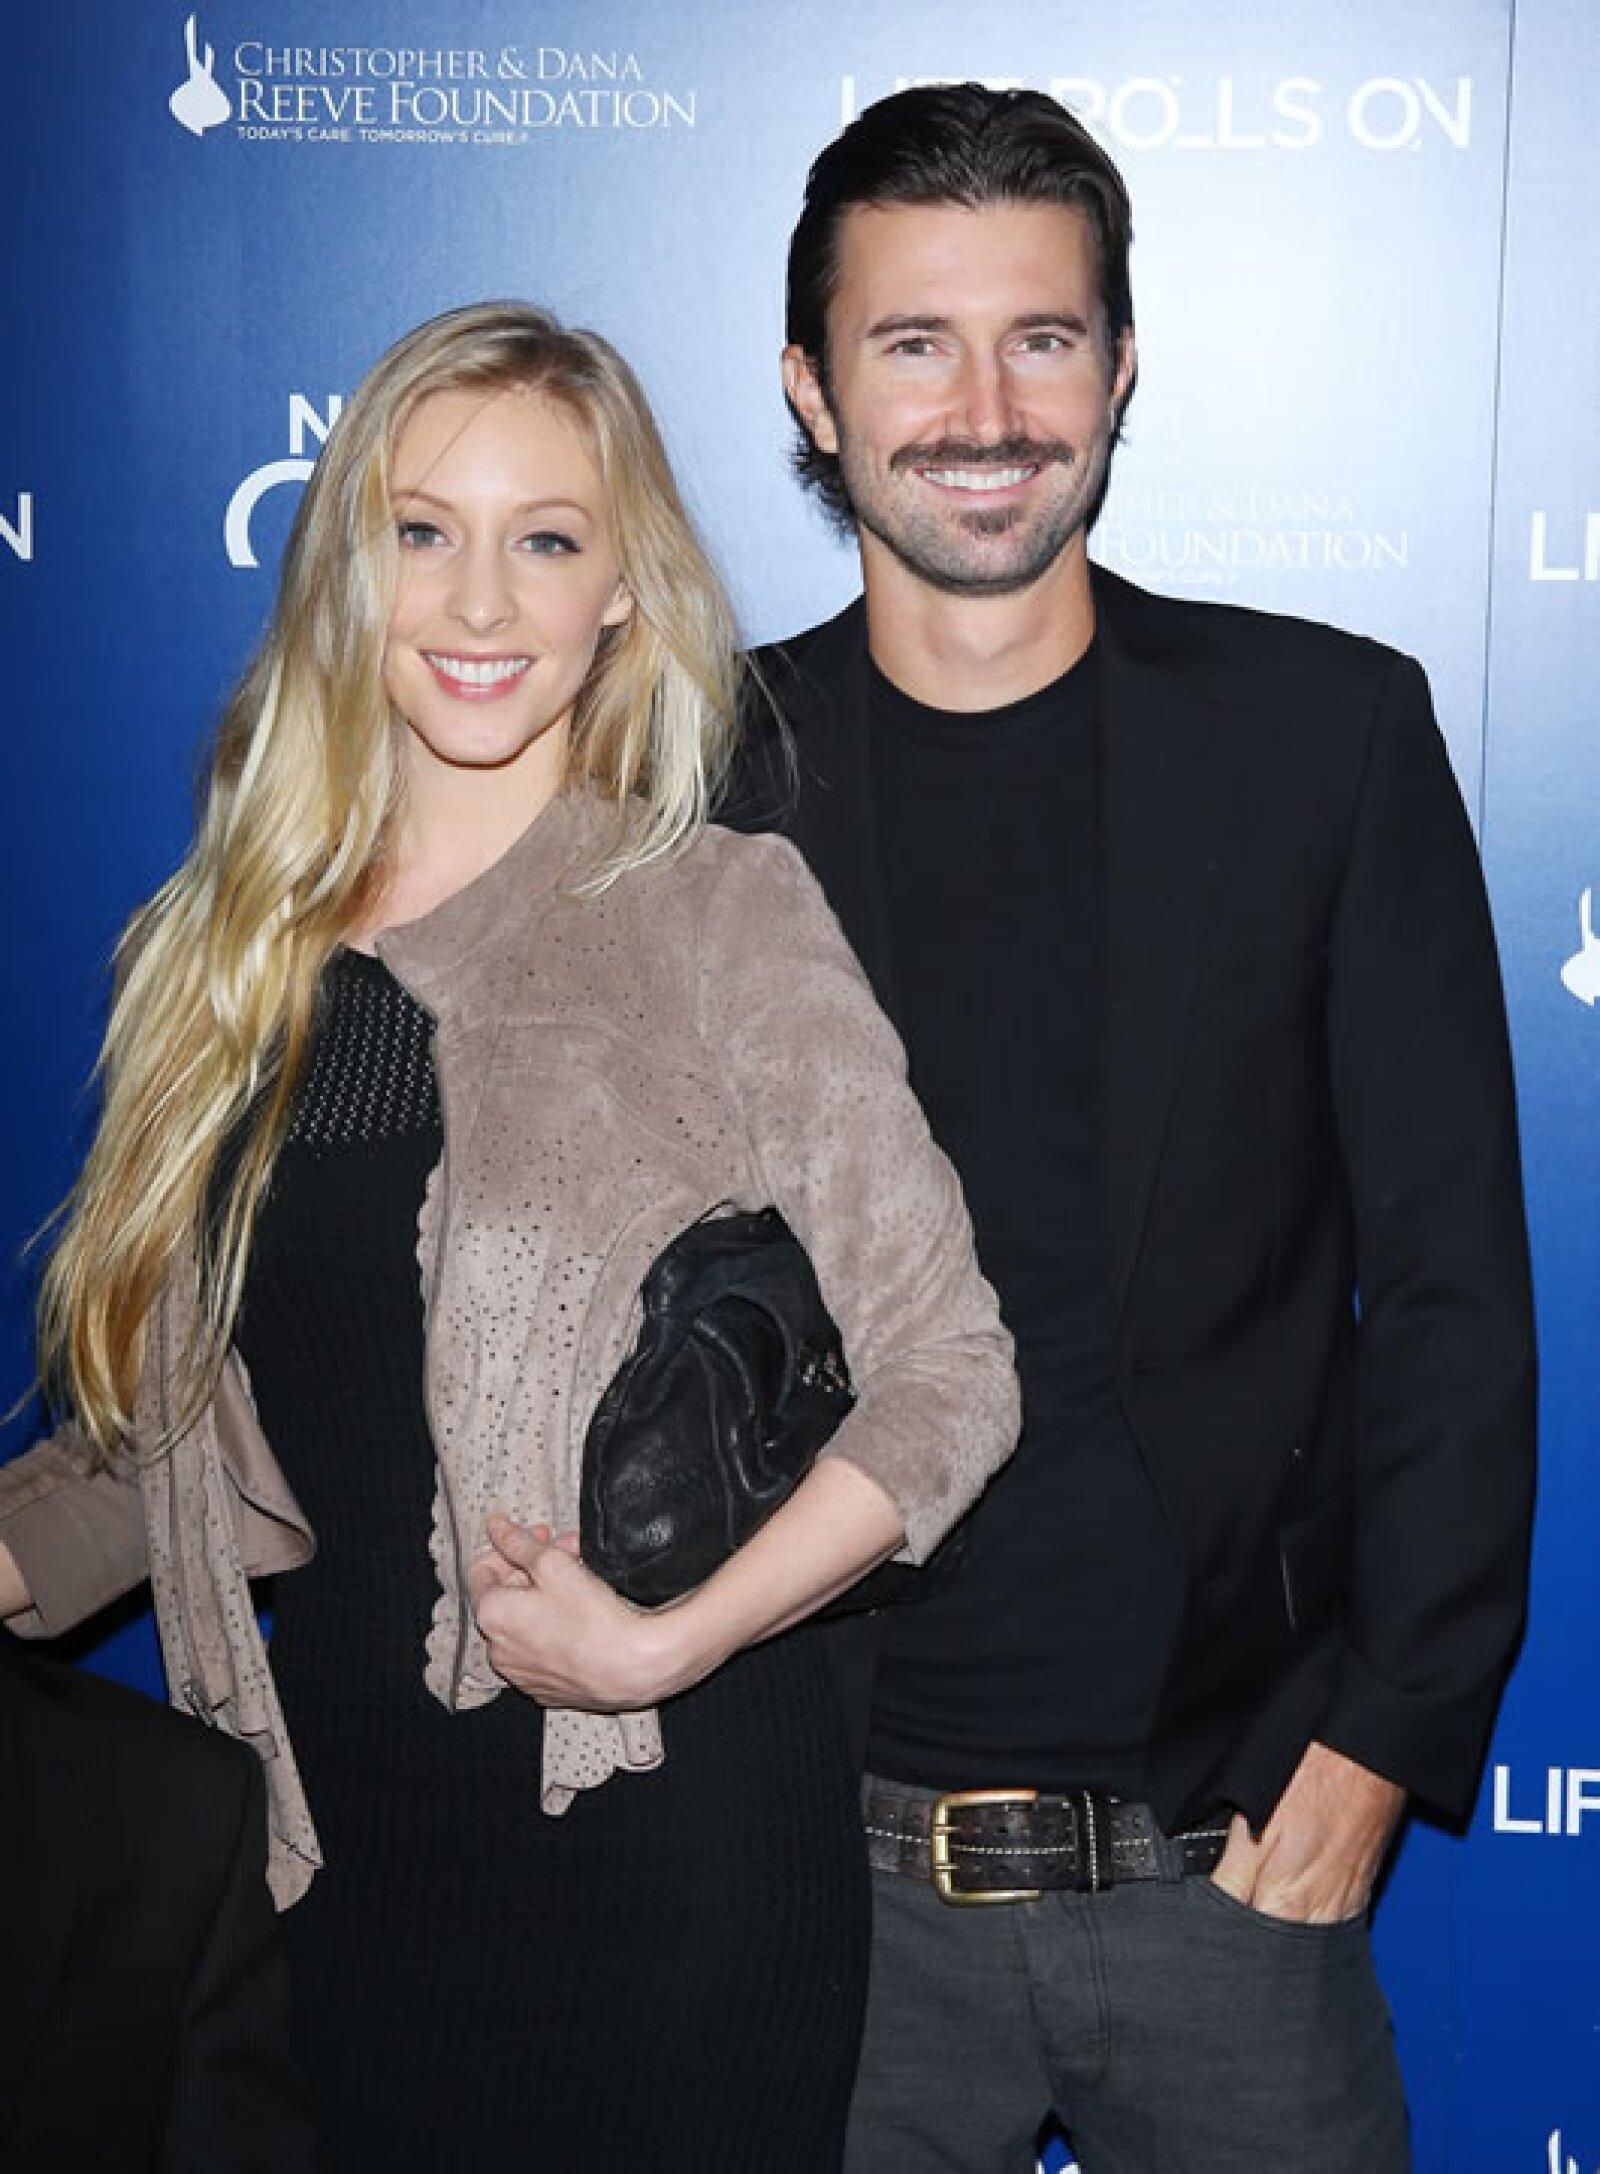 Por su parte, Brandon Jenner es un guapo socialité que se casó con la hija del guitarrista de `Eagles´ Dan Felder, Leah Felder.